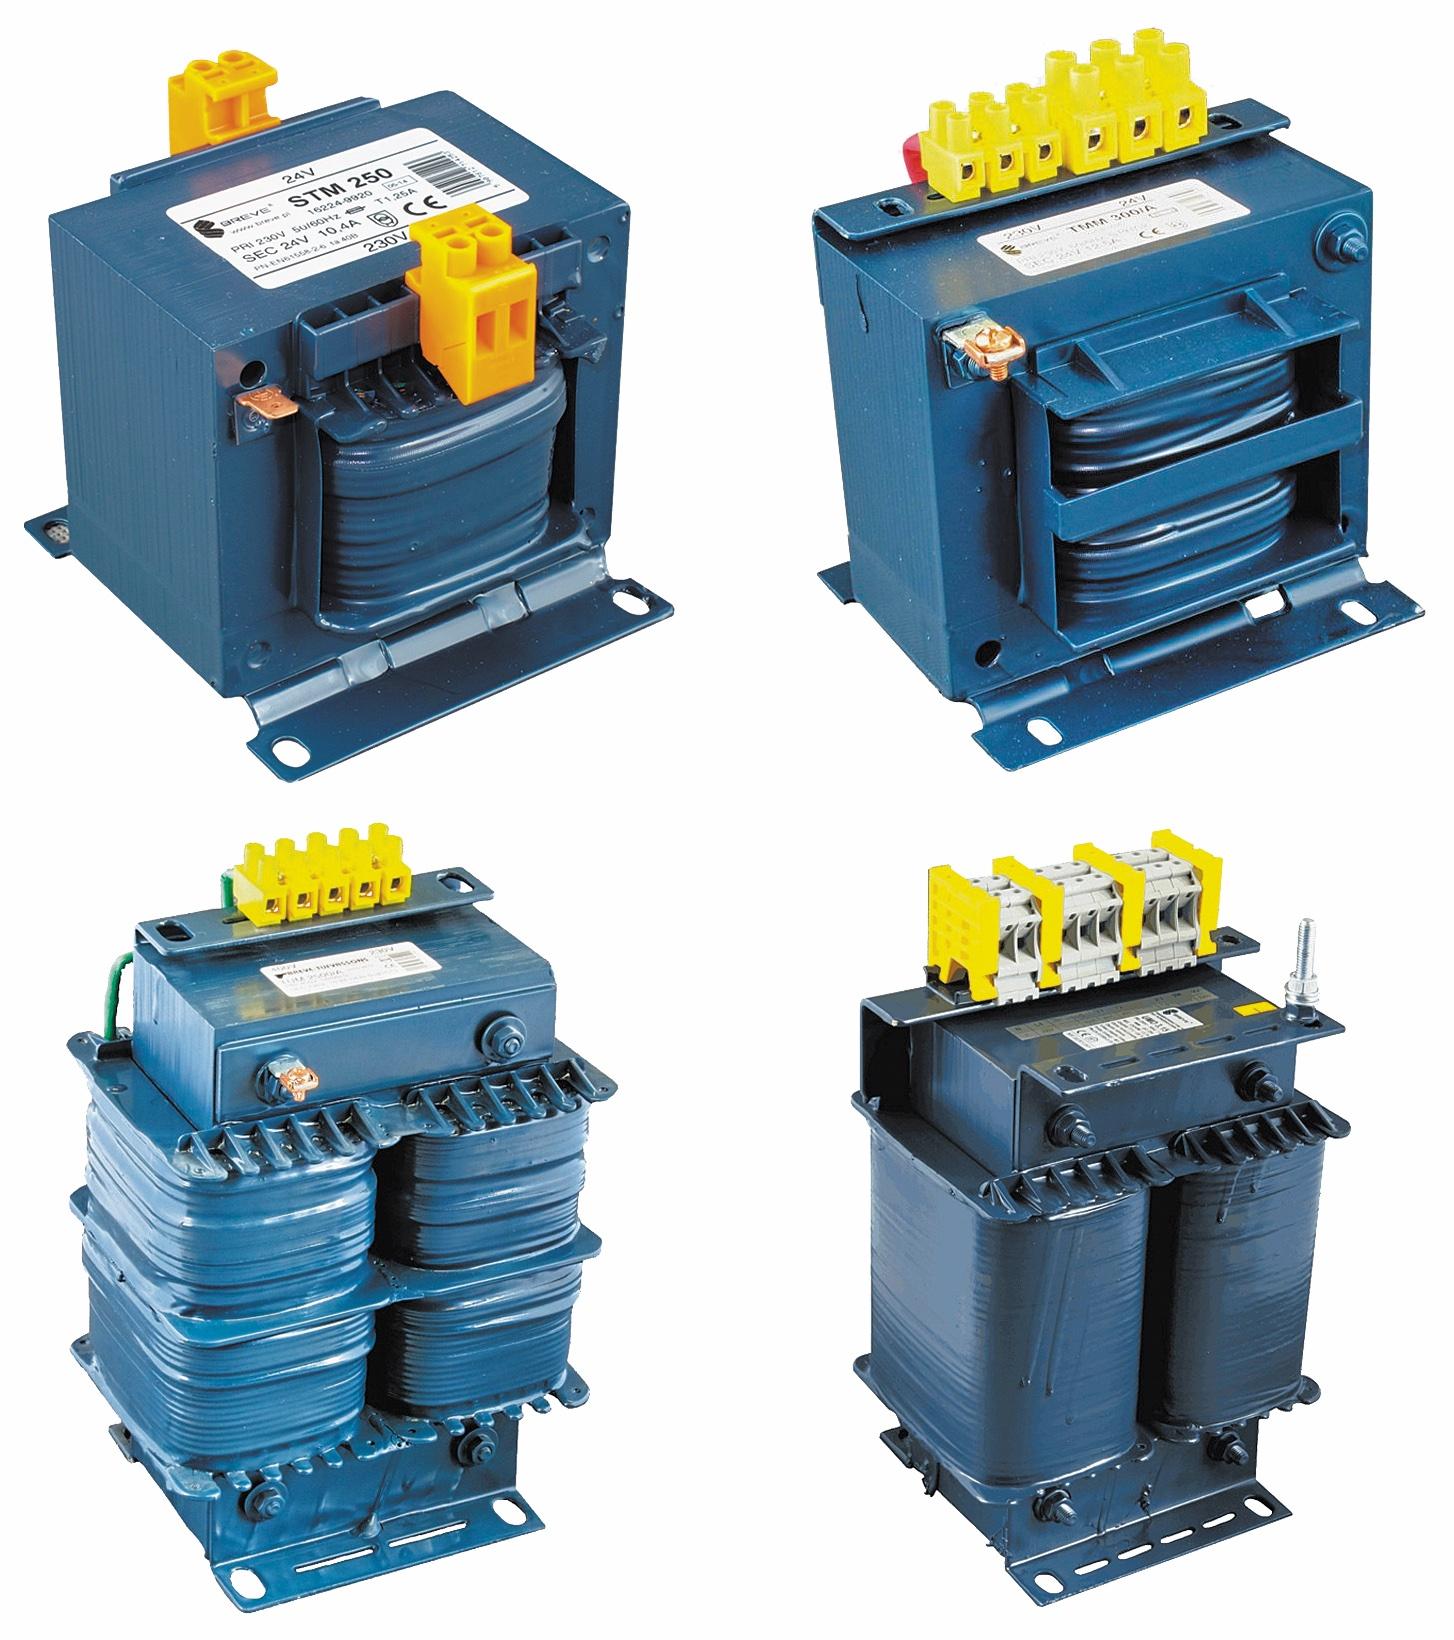 Однофазные трансформаторы производства BREVE TUFVASSONS